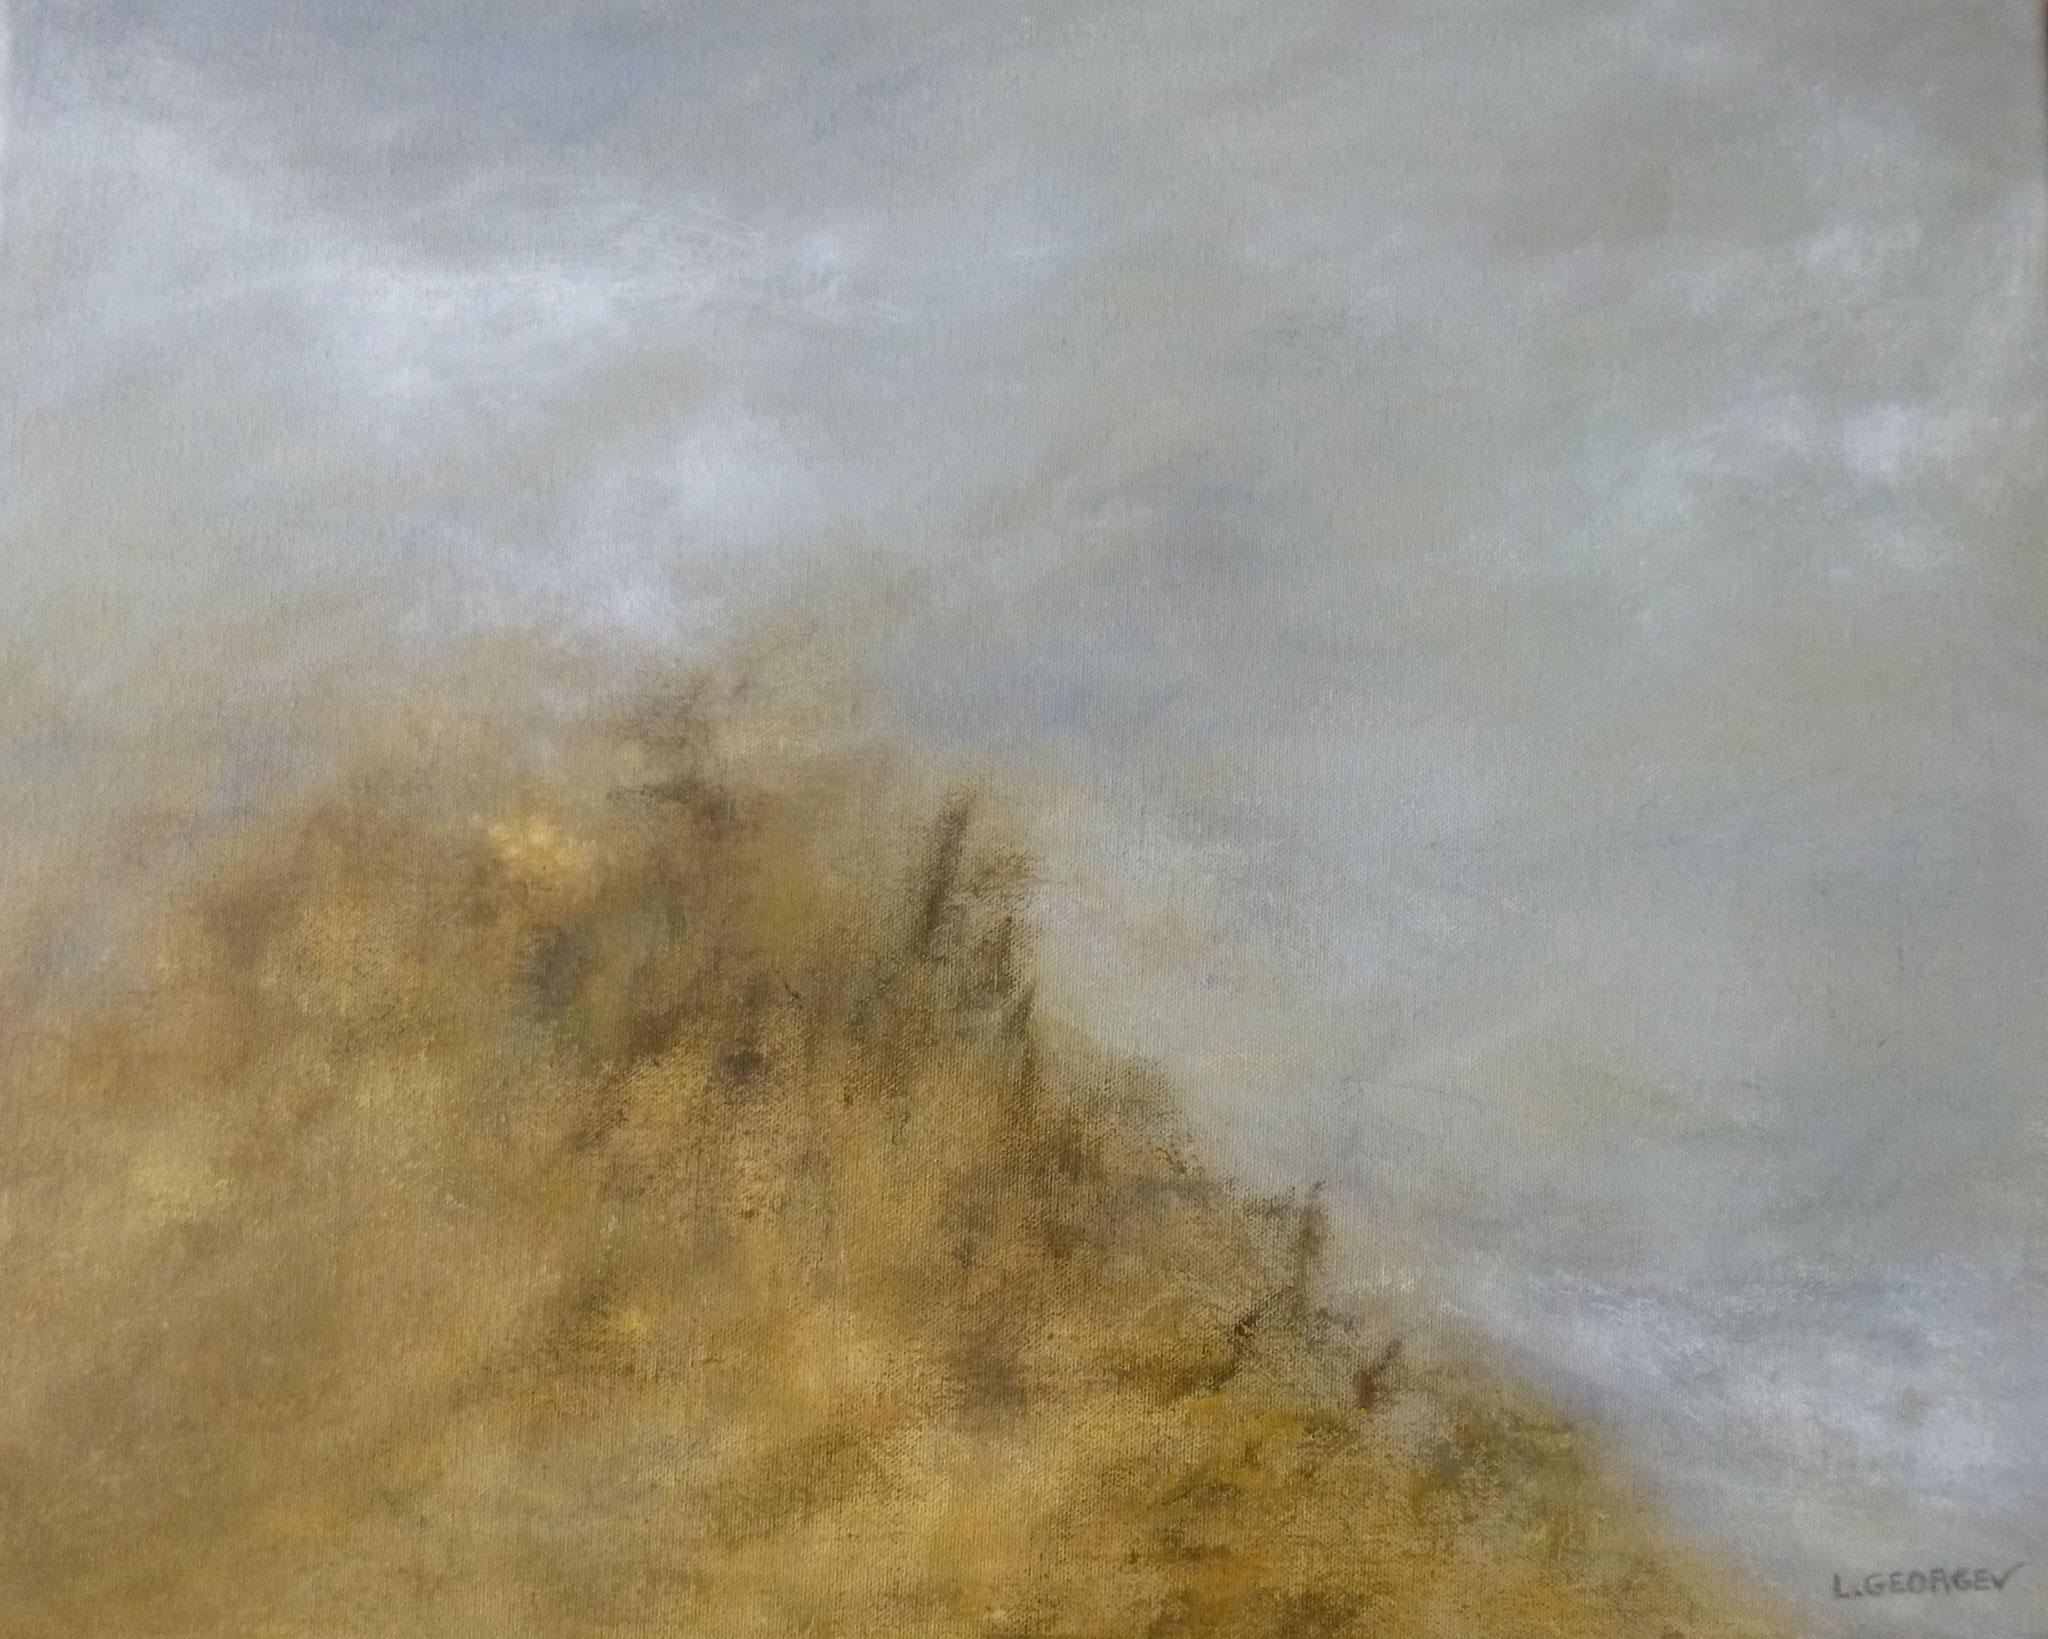 CIME, acrylique sur toile, 40x50 cm